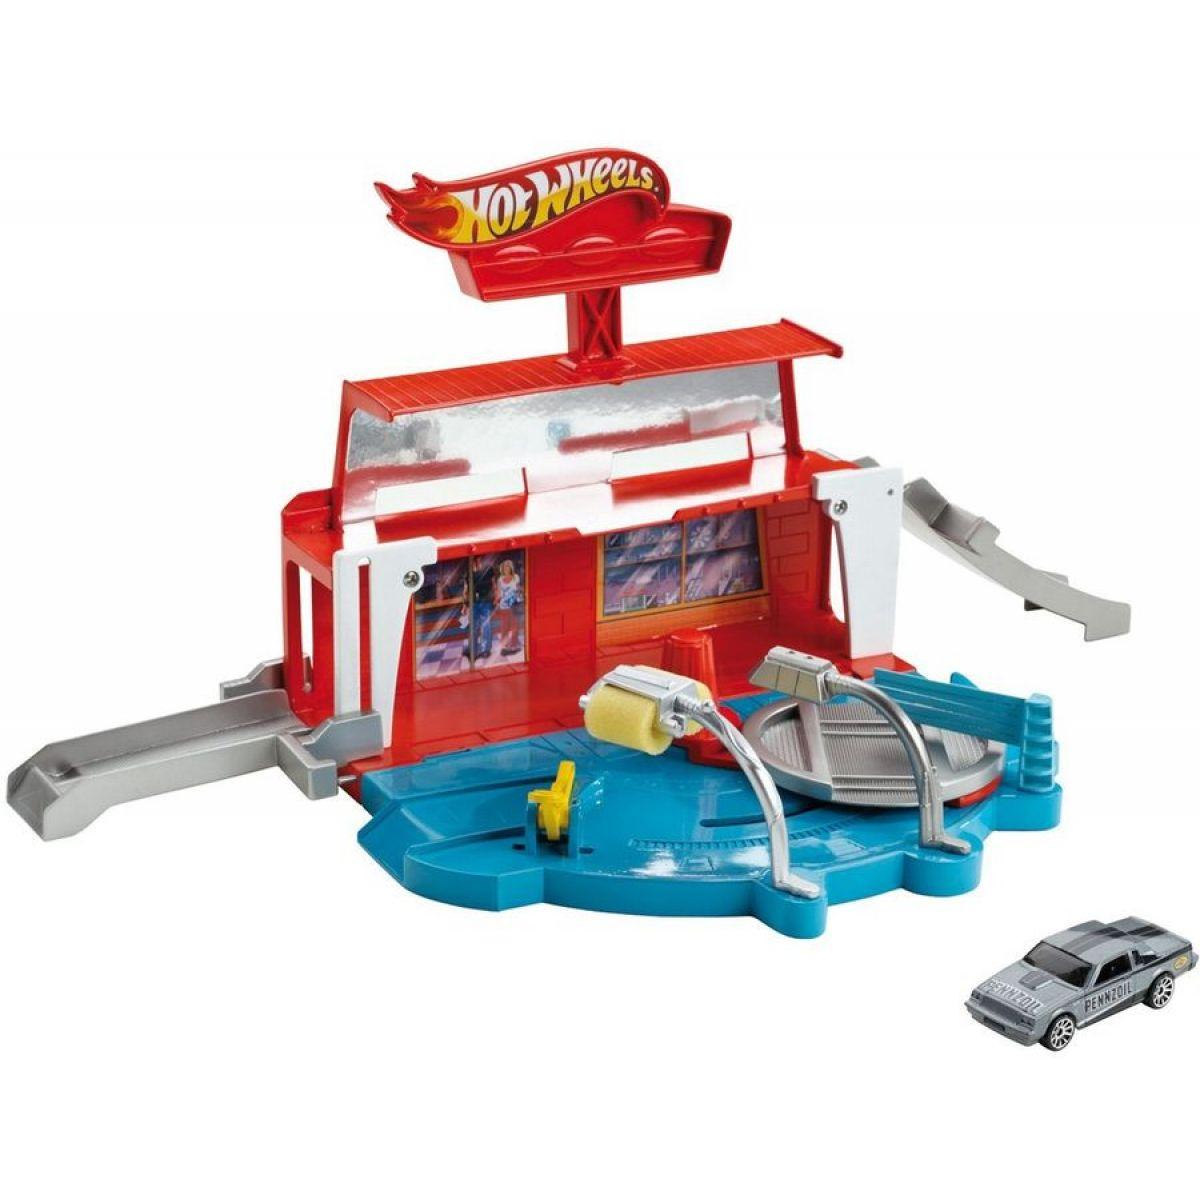 Hot Wheels X9295 klasická hrací sada - Myčka